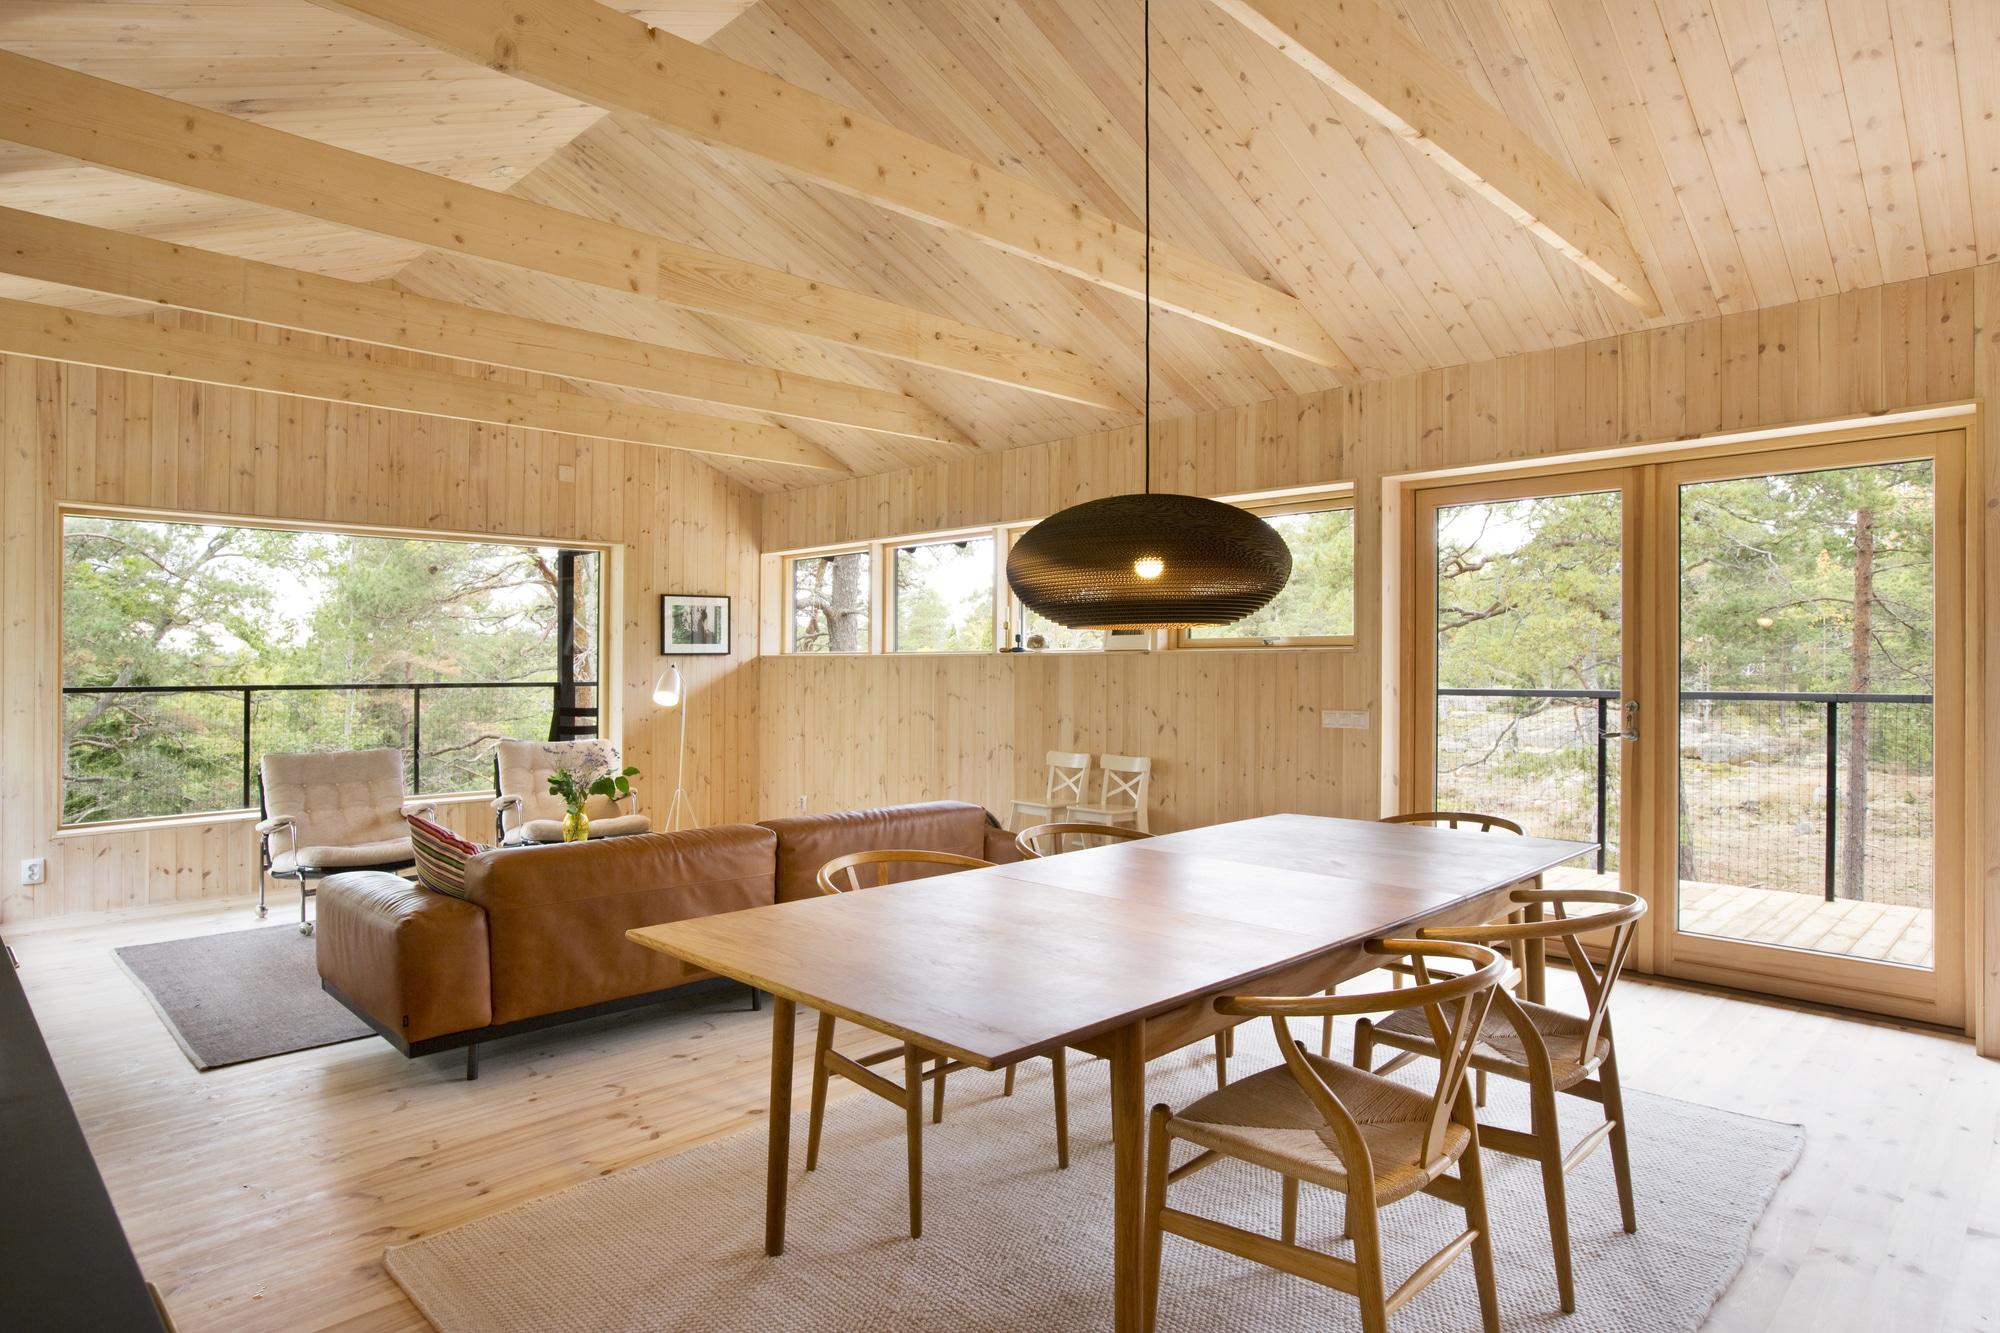 Diseo de casa pequea de madera Fachada planos interior